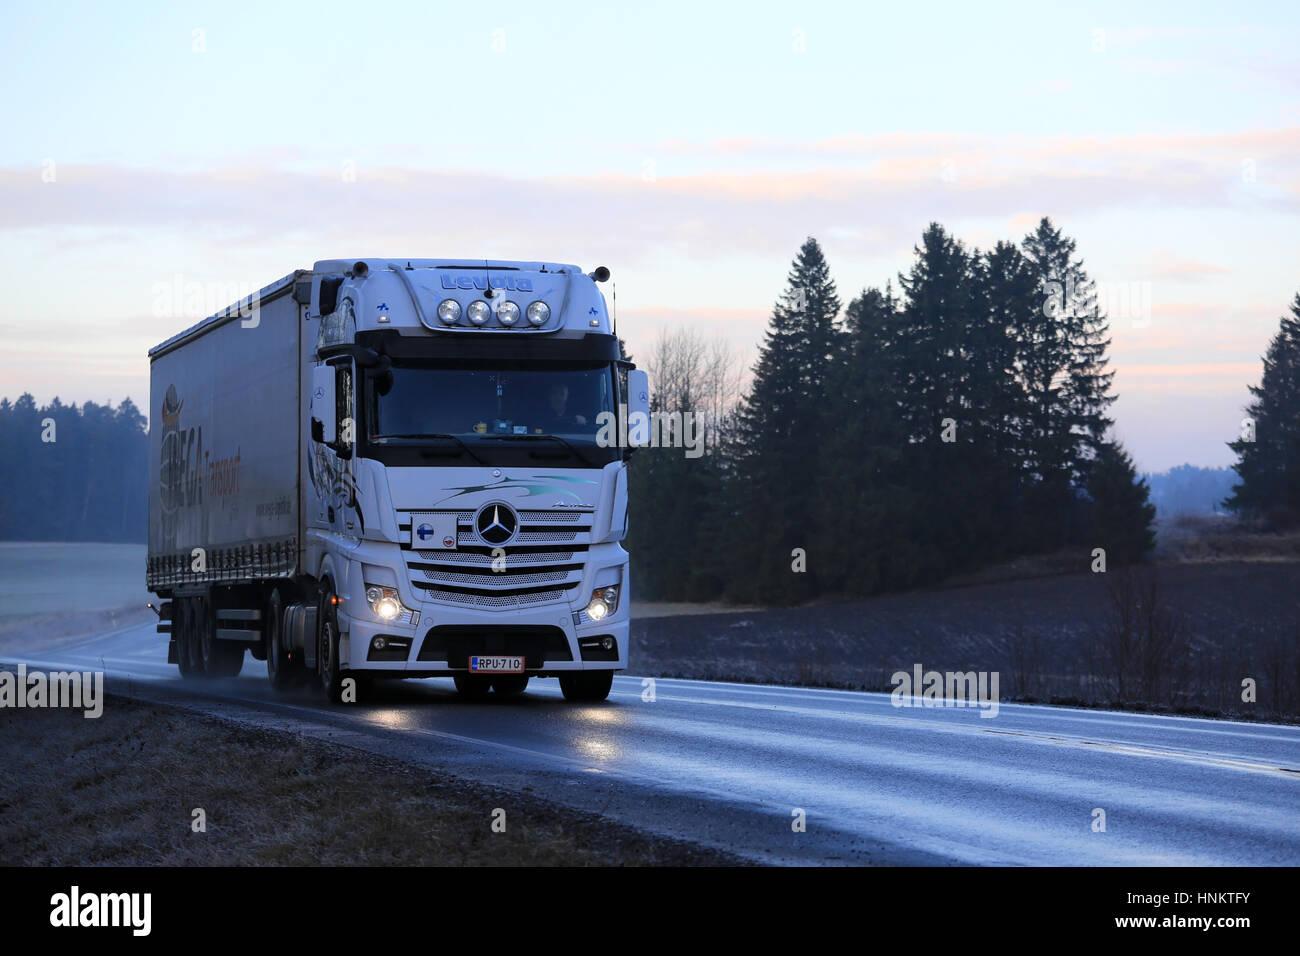 Mercedes benz 1848 axor more information - Salo Finland January 1 2017 White Mercedes Benz Actros Semi Cargo